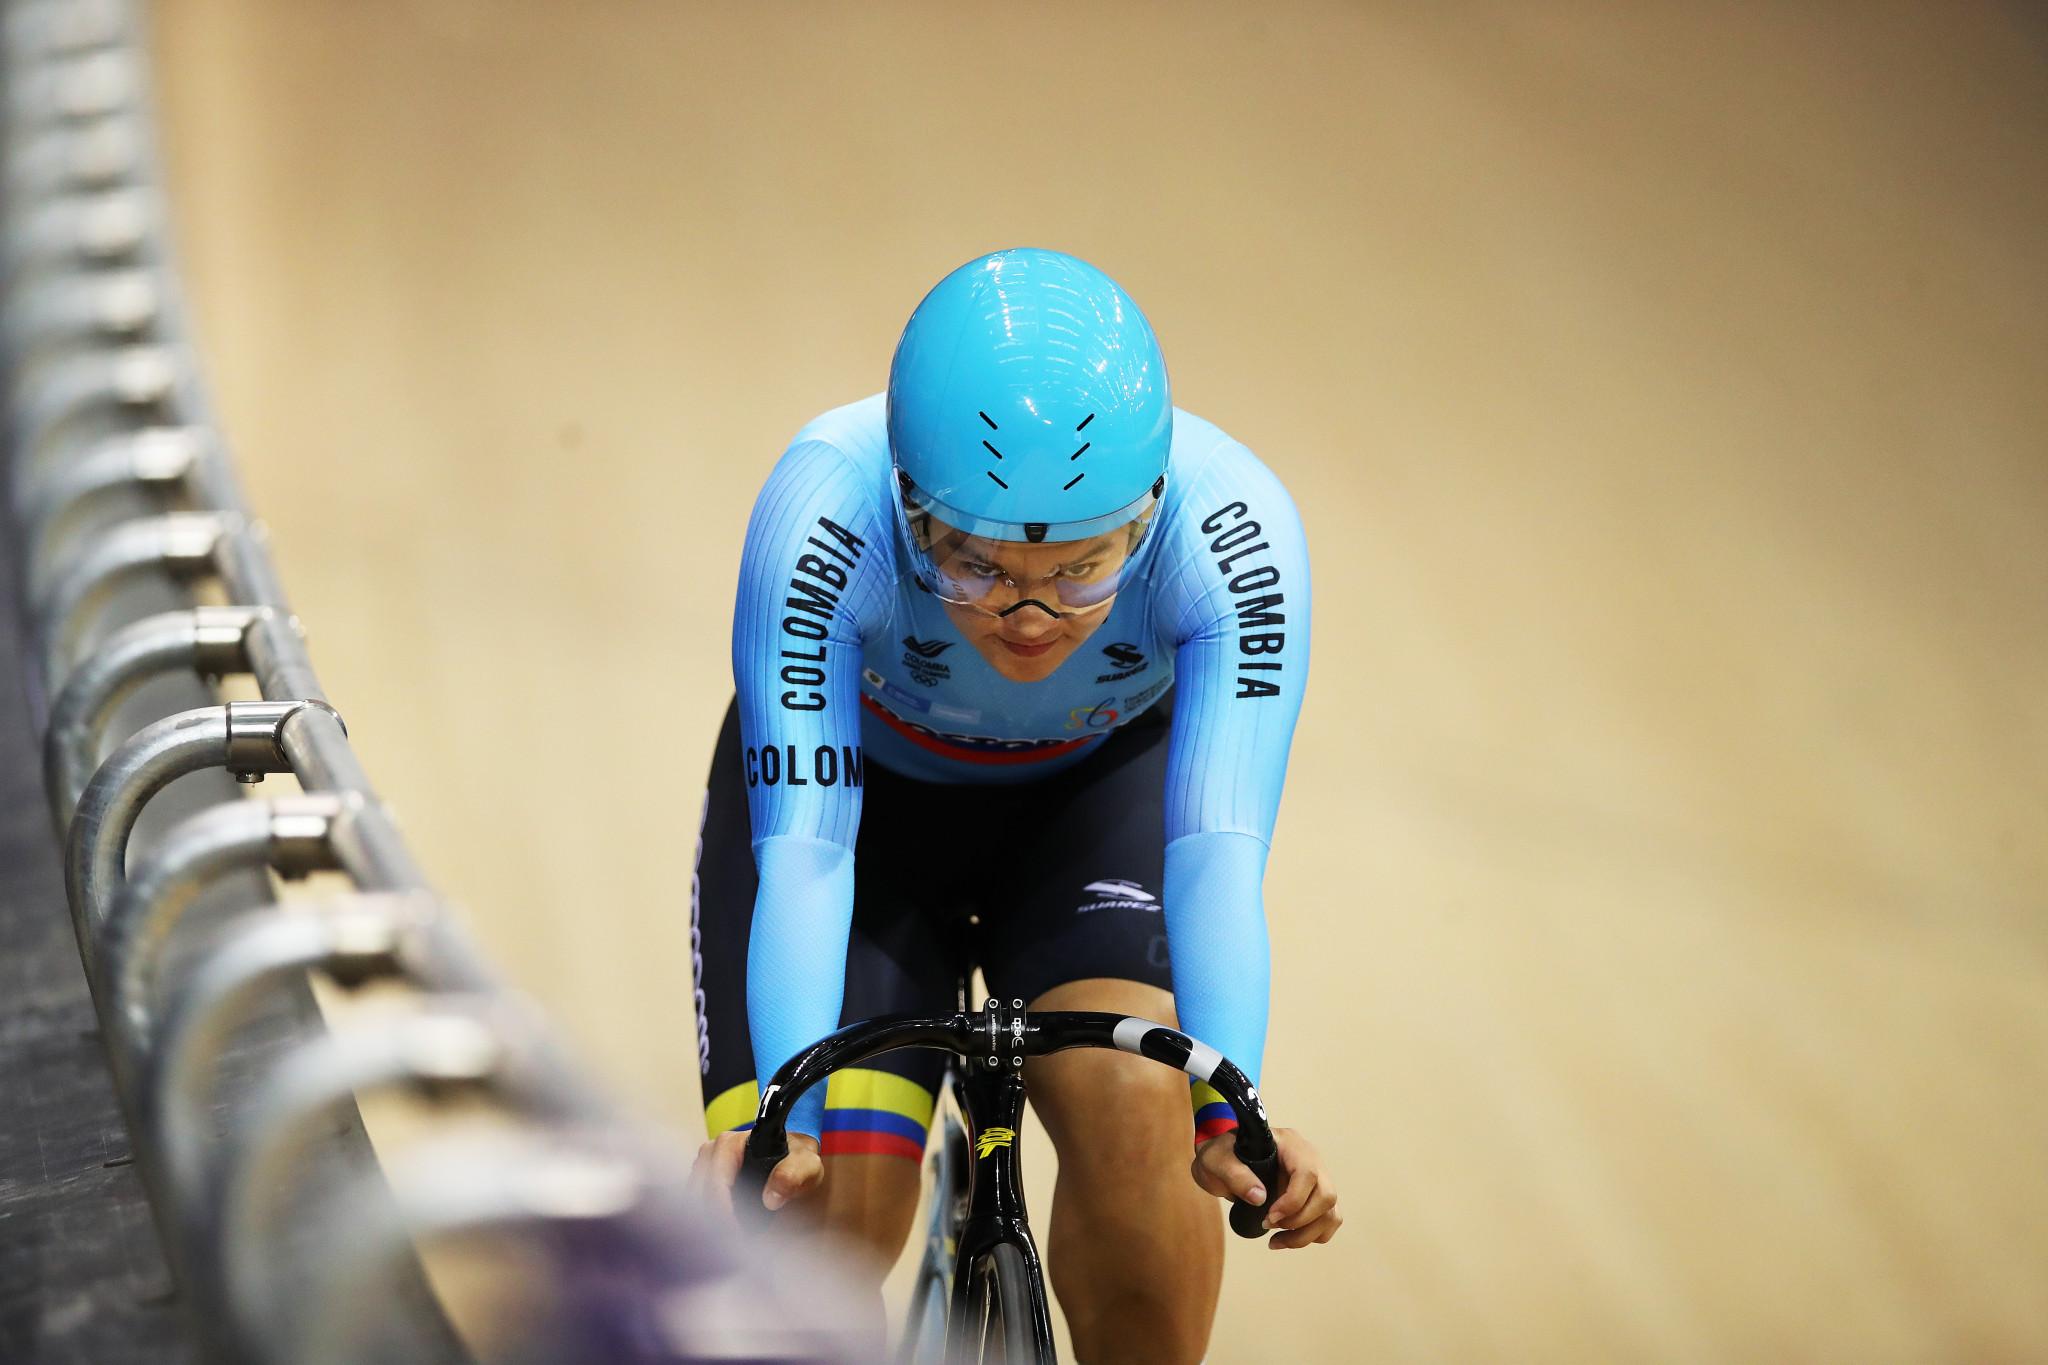 Martha Bayona Pineta gana la prueba de tiempo de 500 metros femeninos © Getty Images